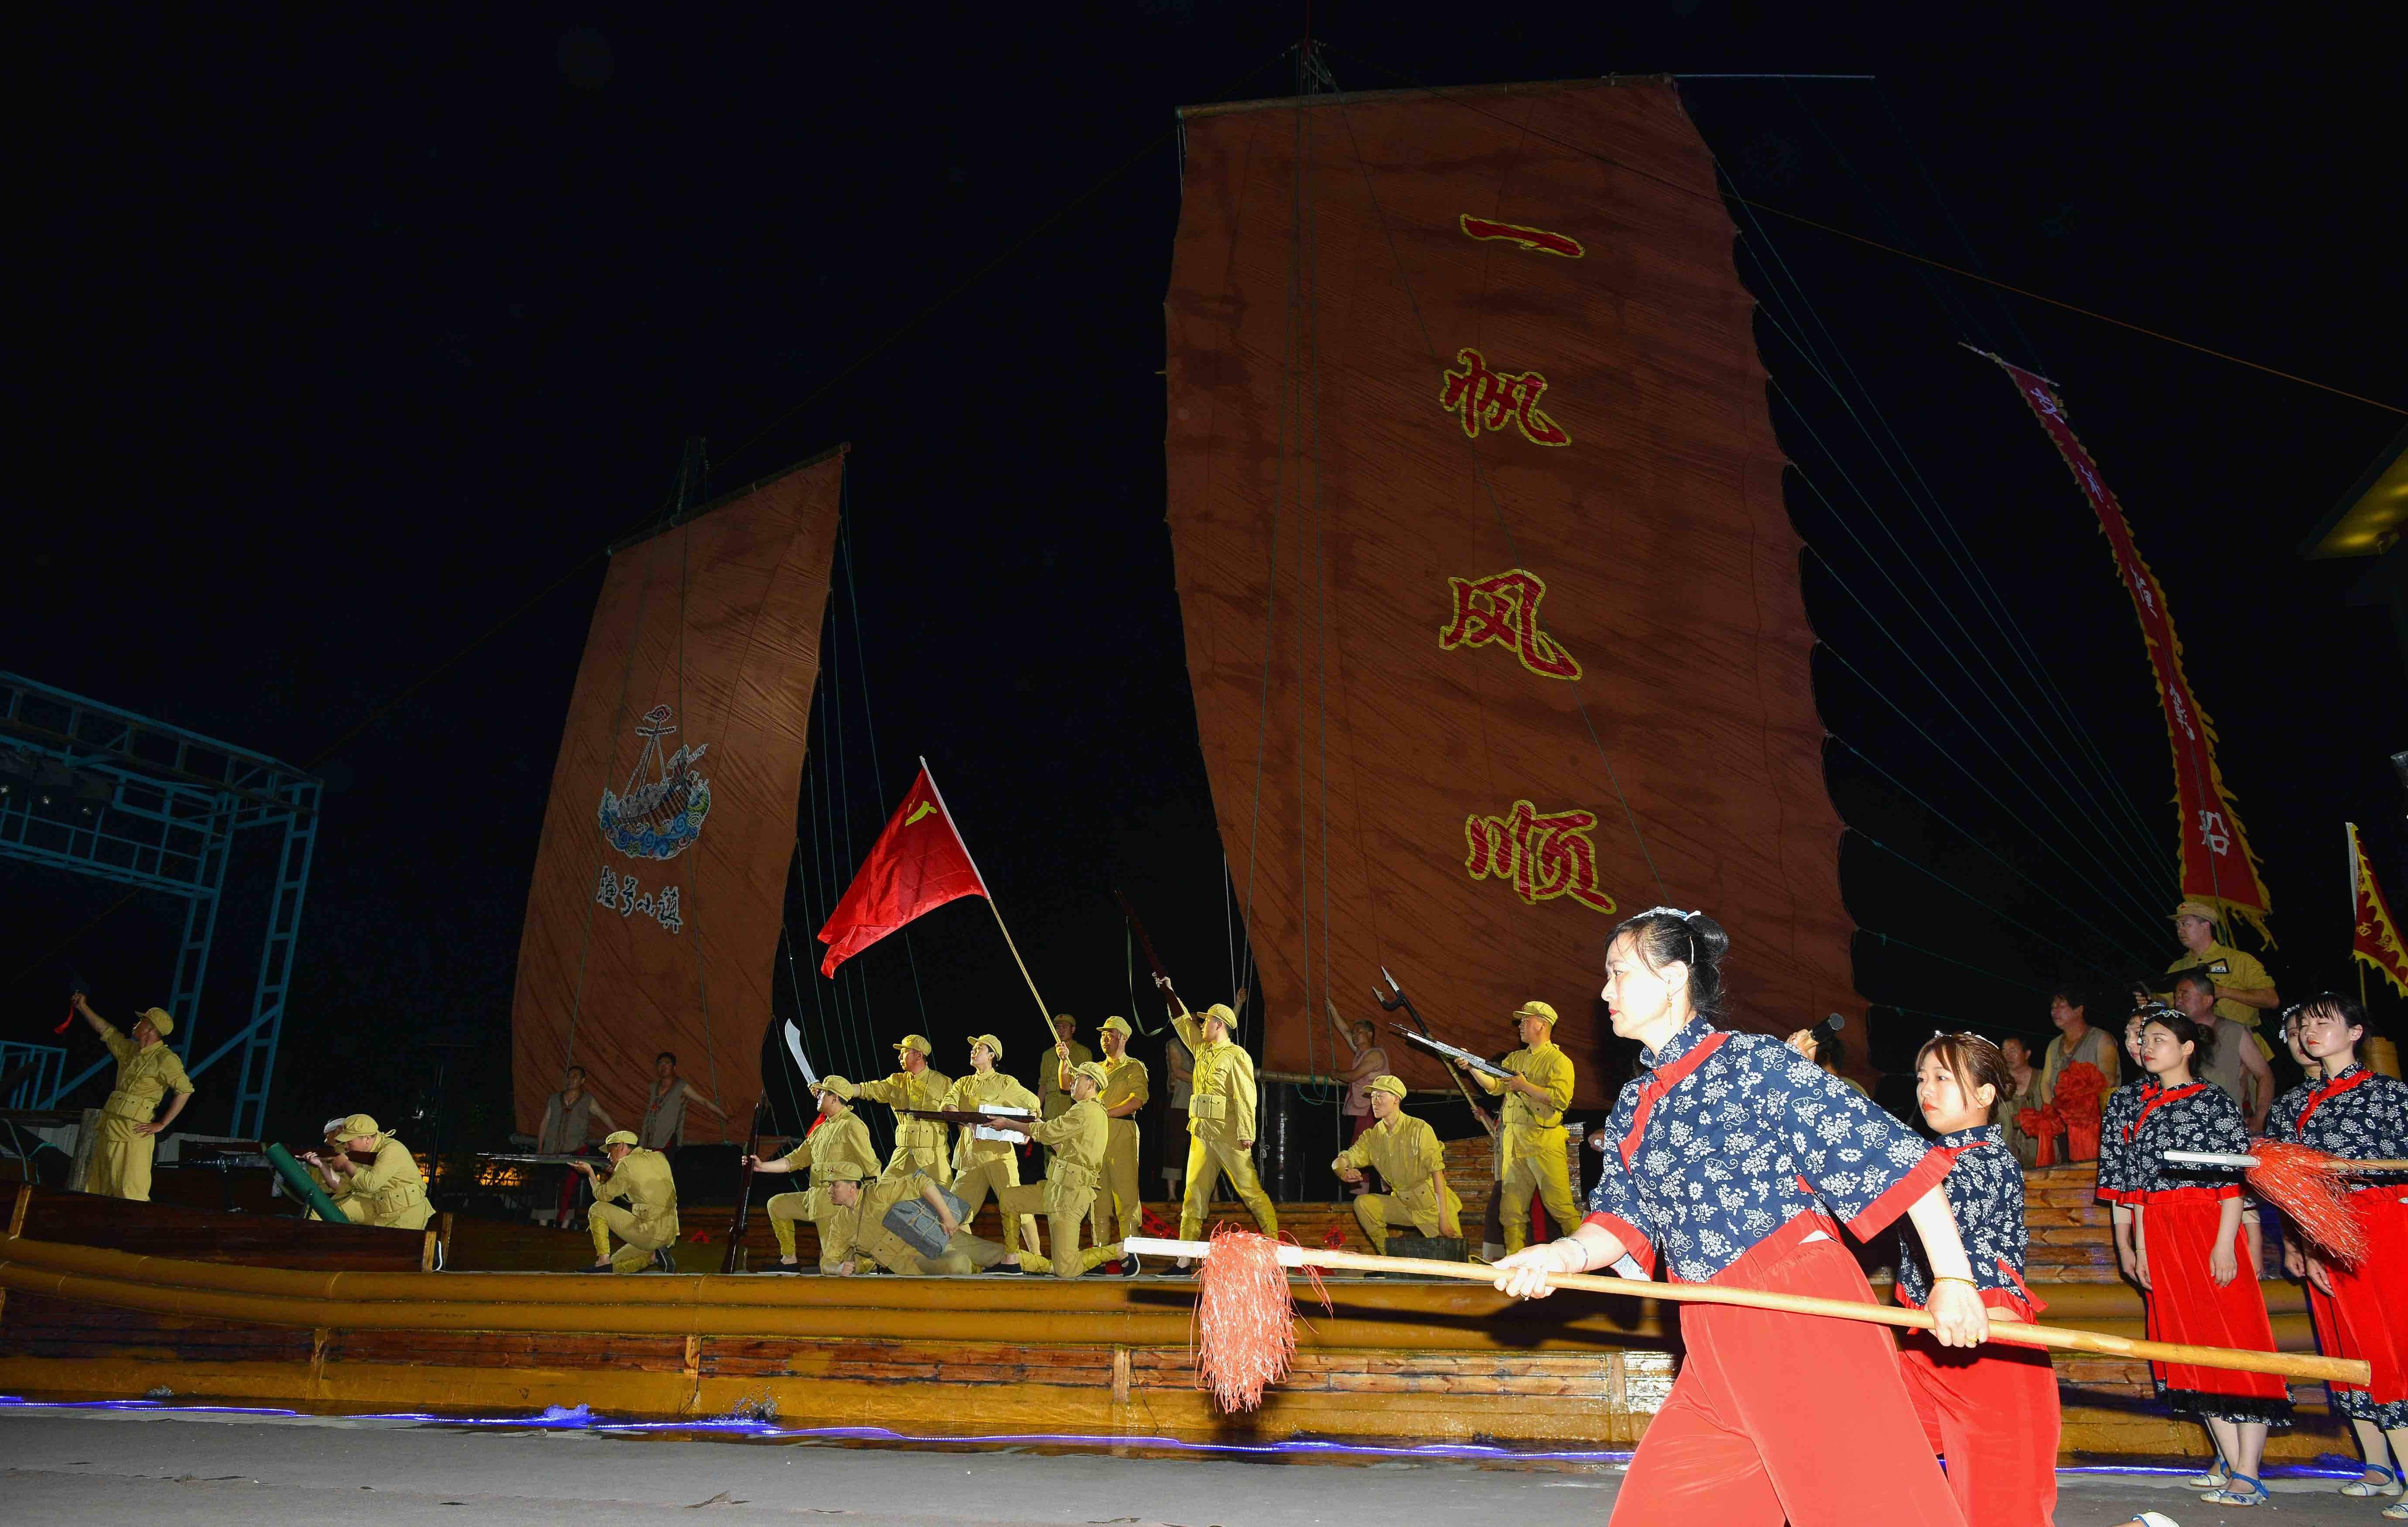 长岛渔号演出成新晋网红打卡点,沿袭300年闯海精神,声声喊出精气神